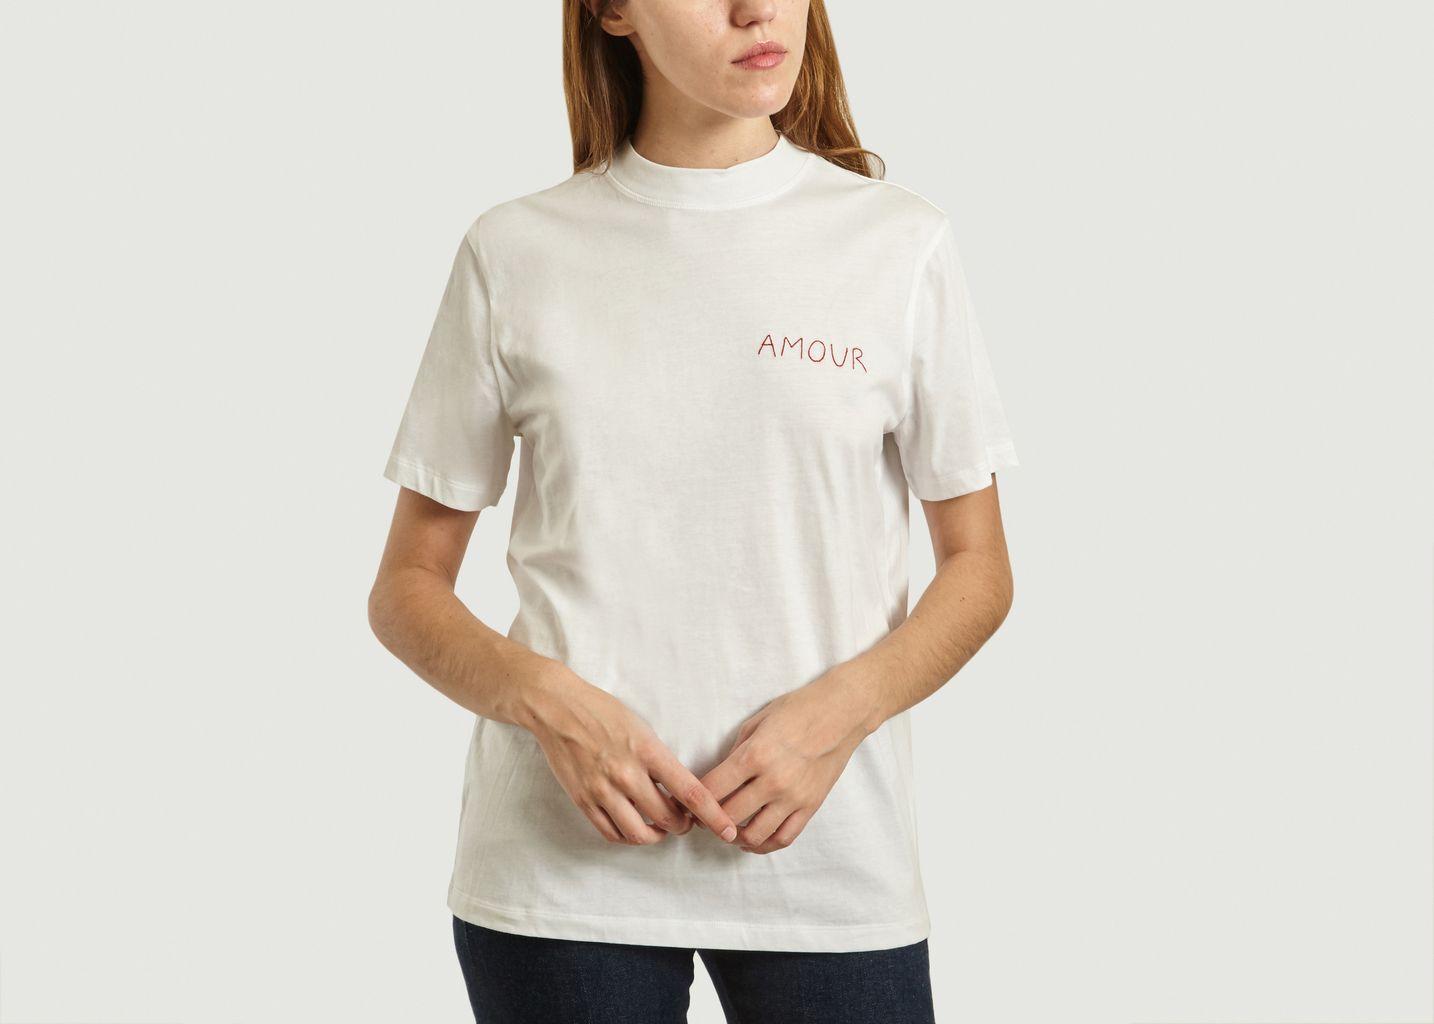 T-Shirt Brodé Amour - Maison Labiche